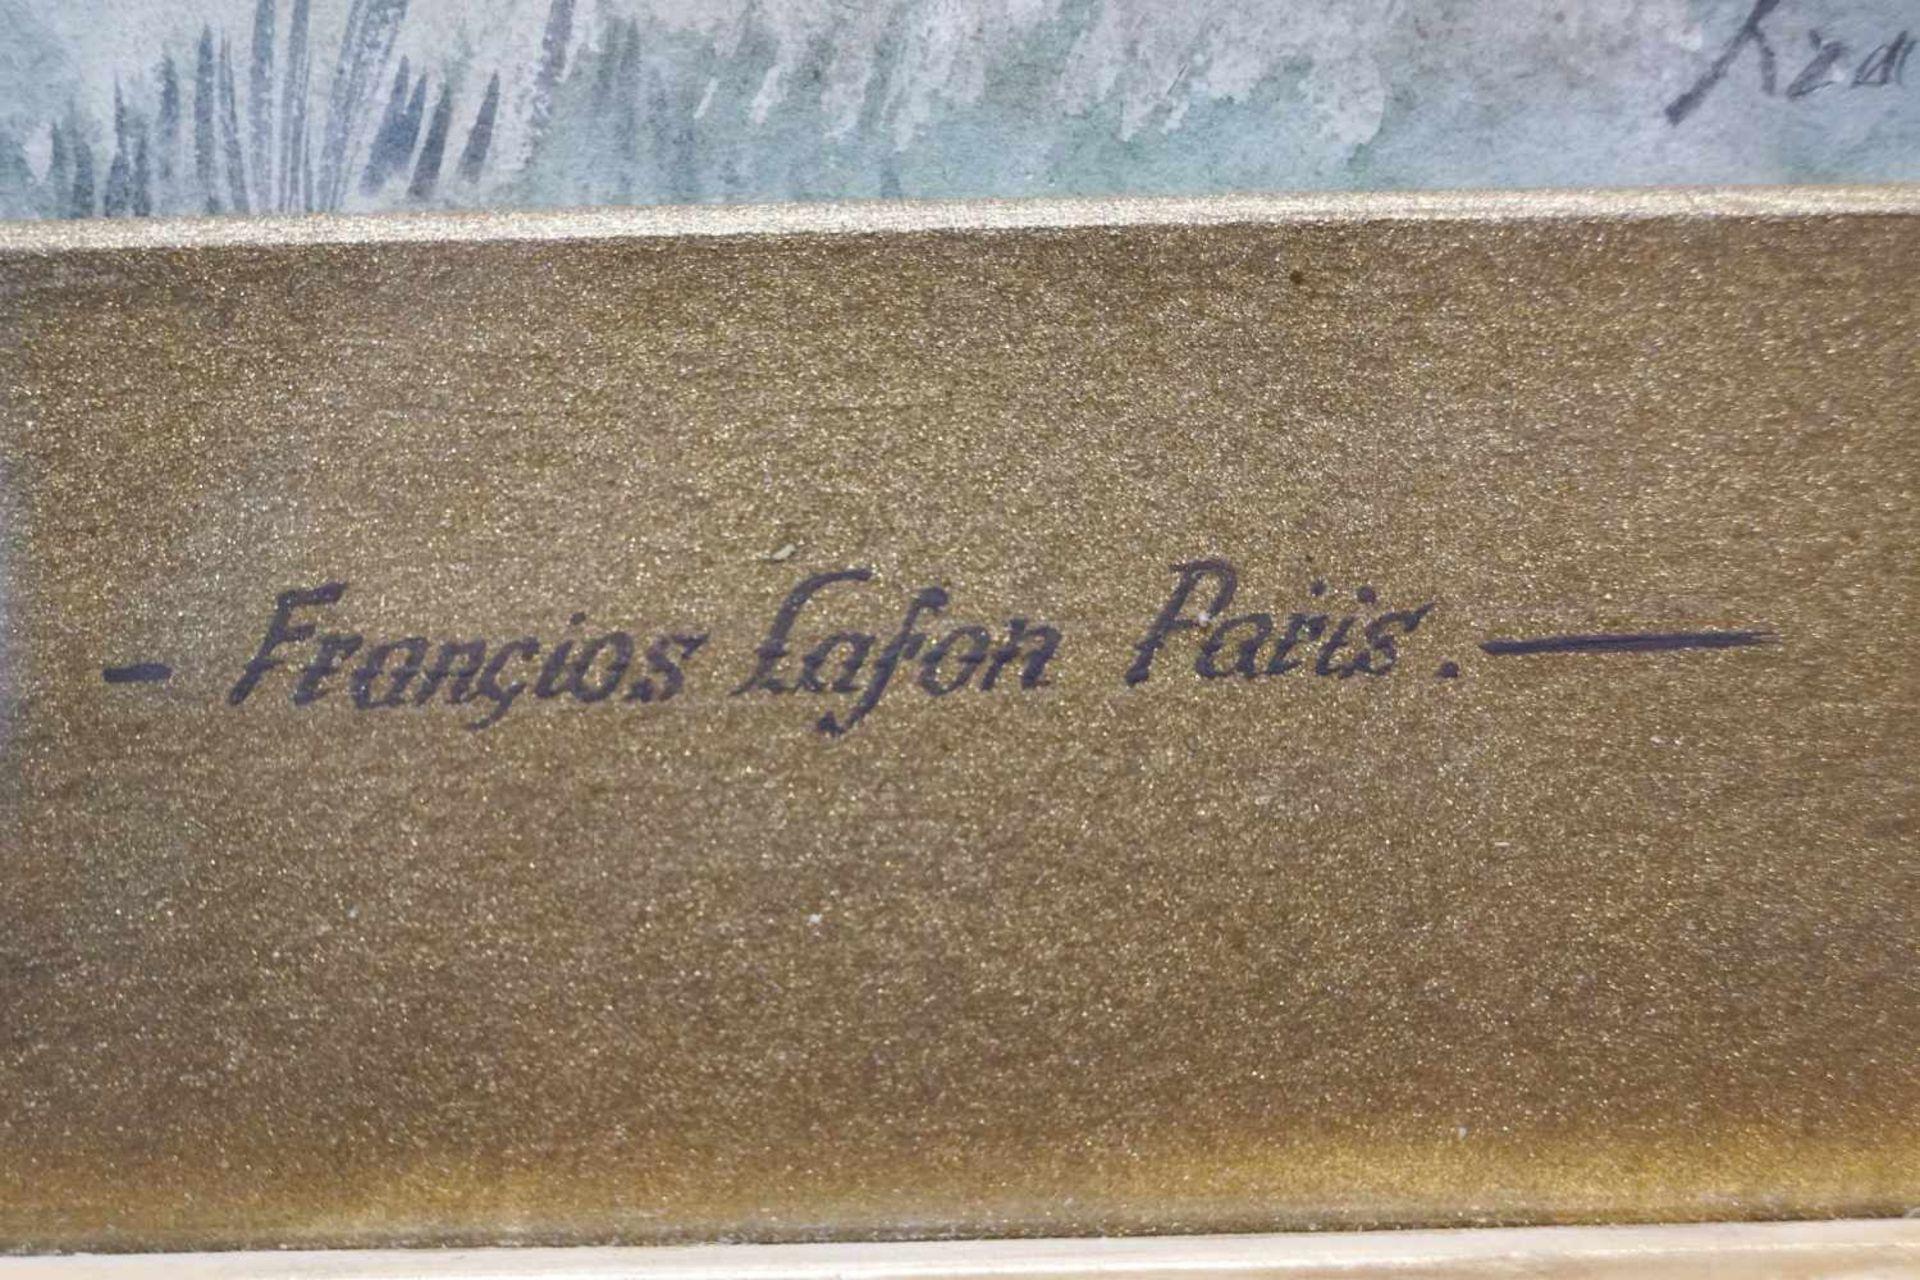 Magd mit Korb in der Natur Francois Lafon (1846-1920), Mischtechnik auf Platte, unter Glas - Bild 3 aus 4